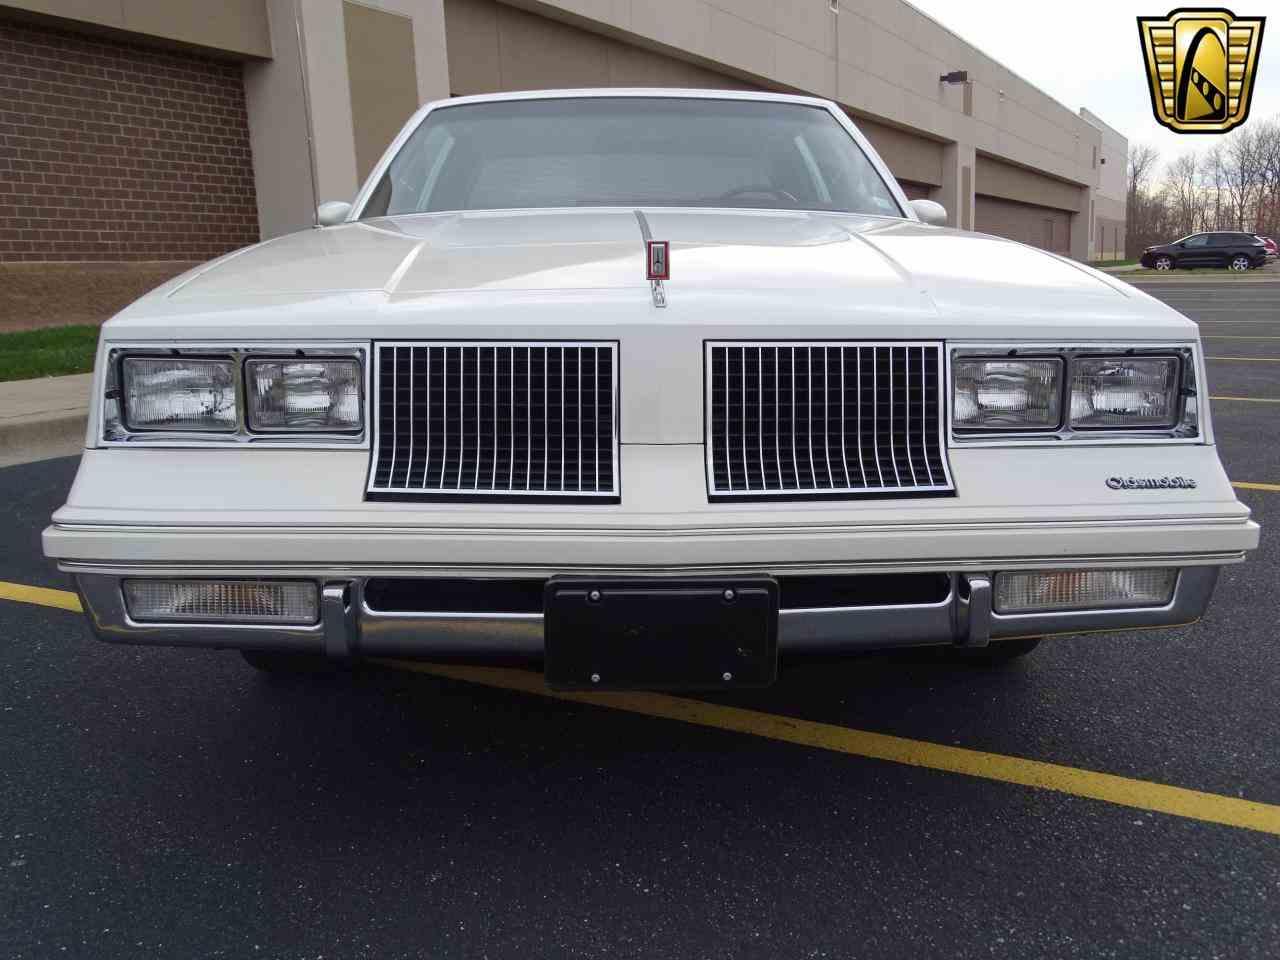 Gateway Classic Cars O Fallon Illinois